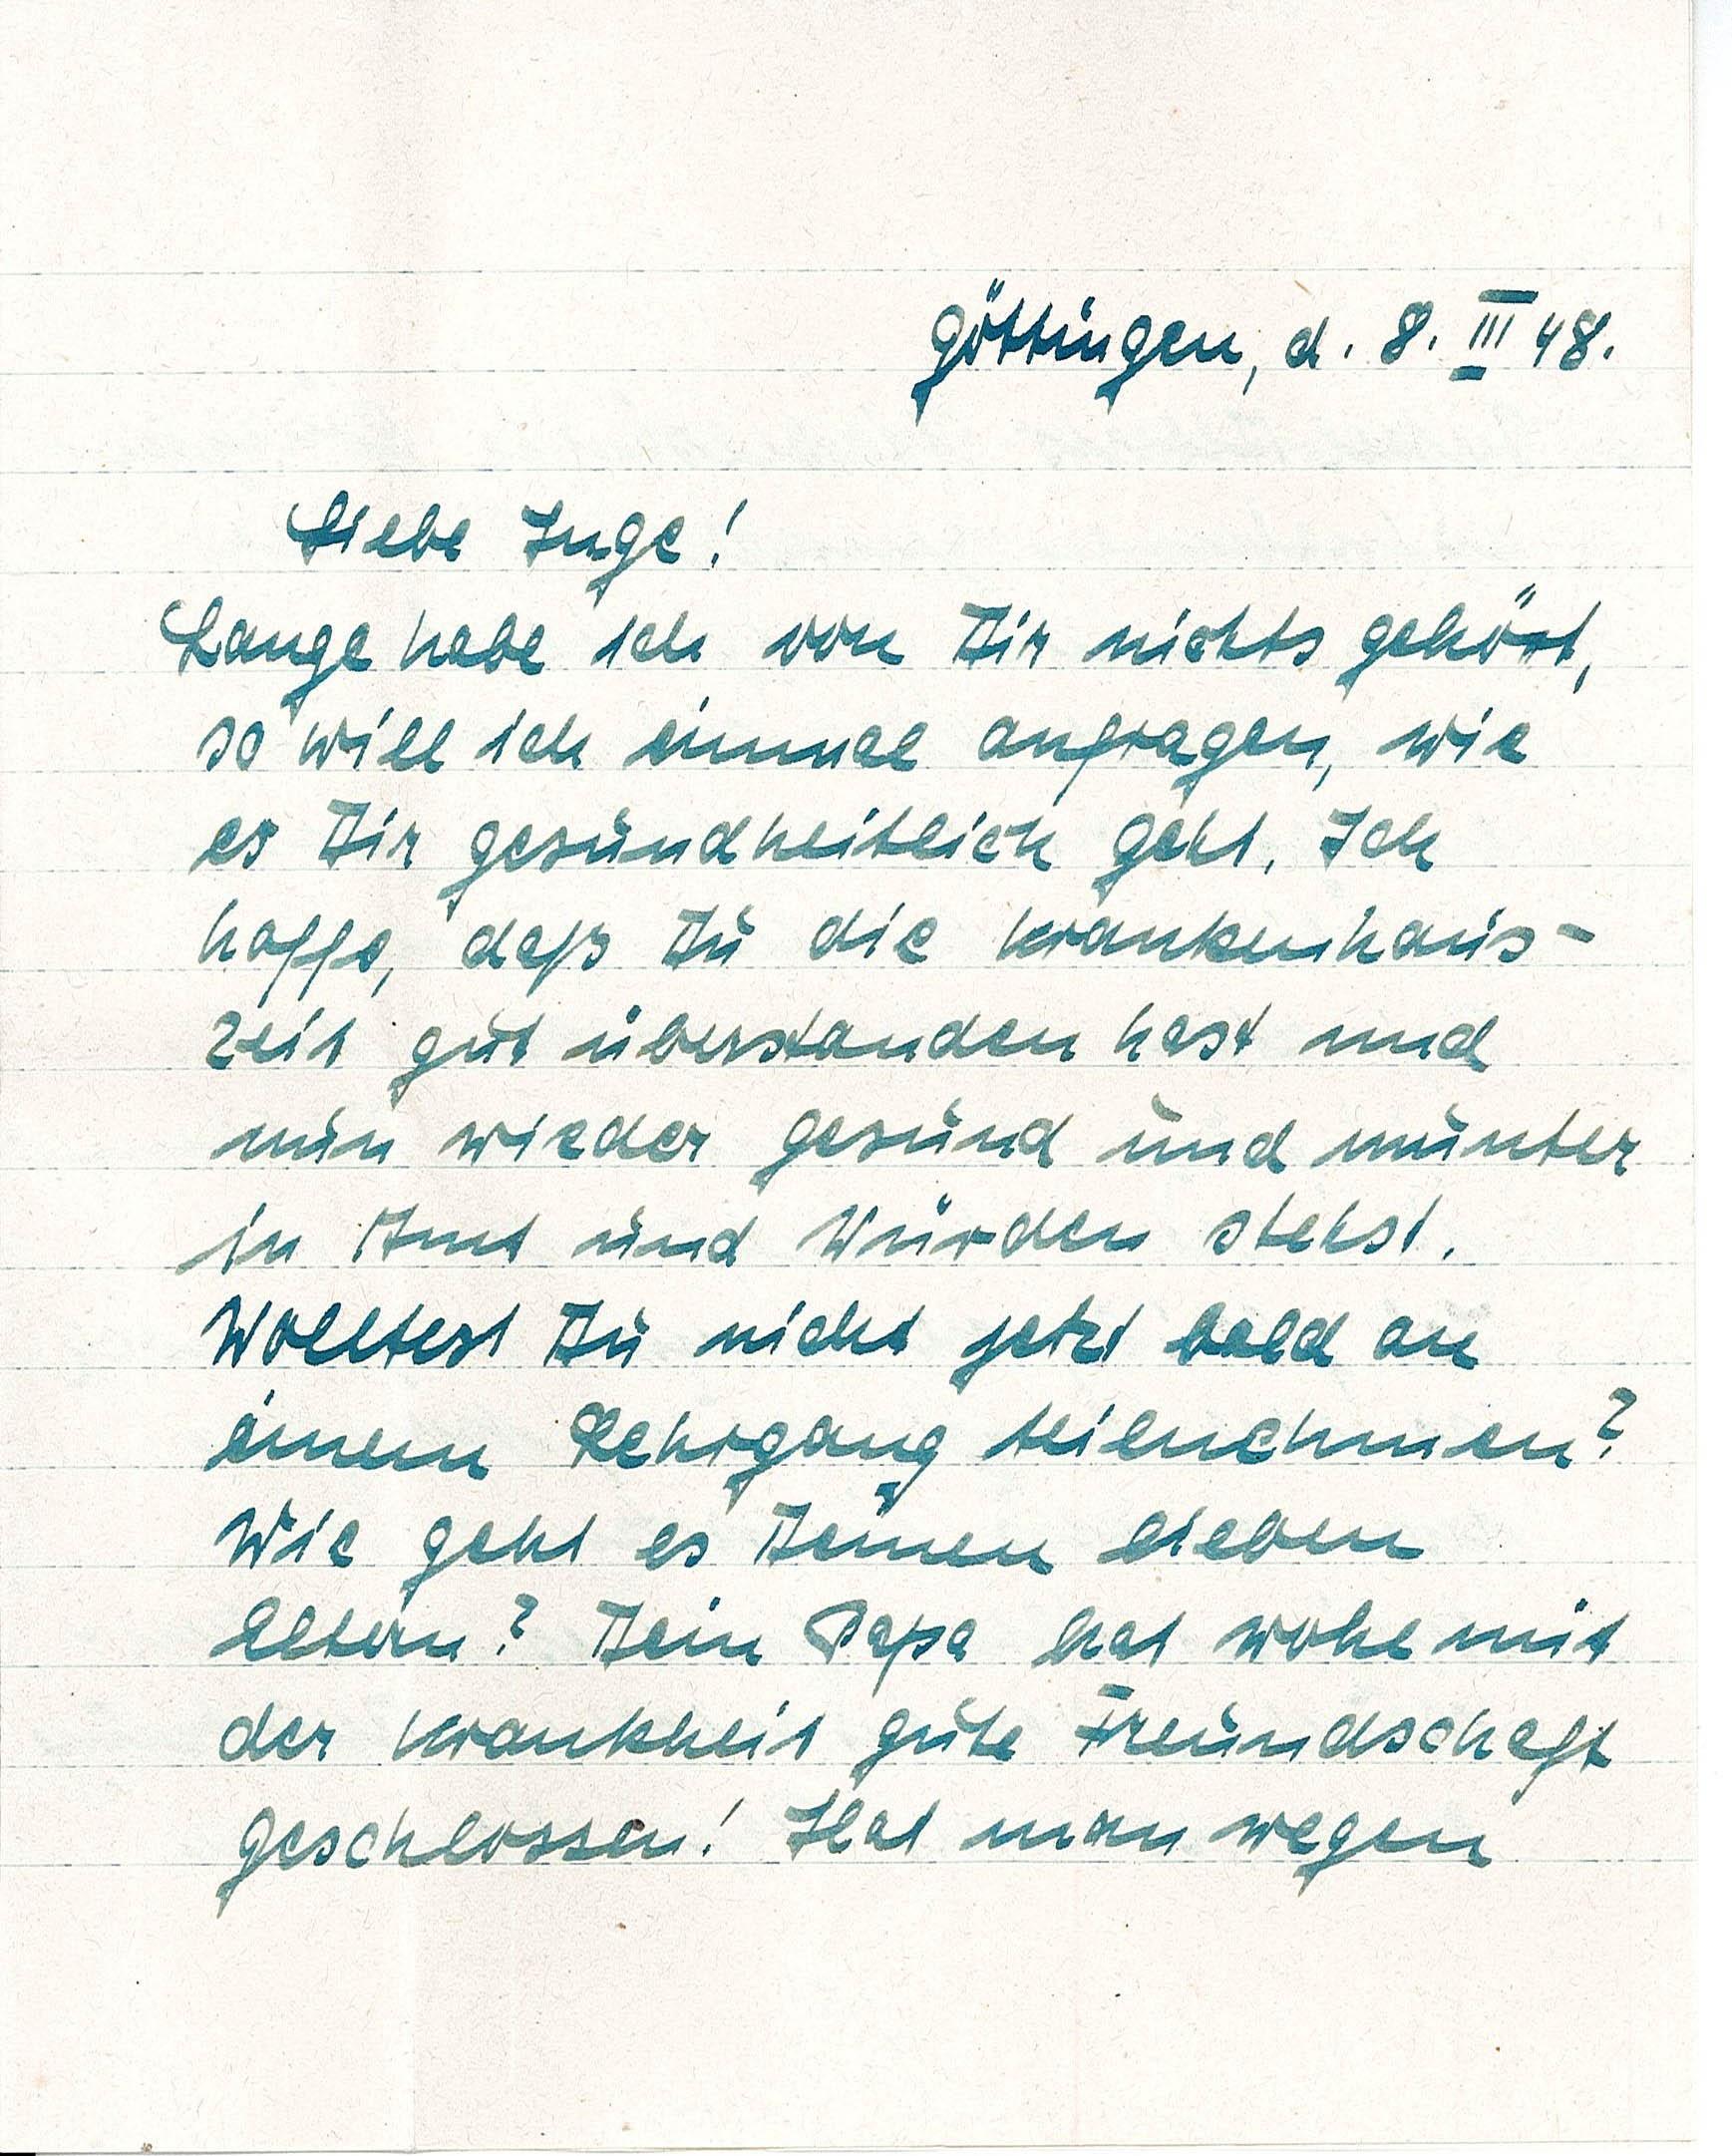 Freundschaftsbrief an Ingeborg Range von Hilde Pelikan, 8